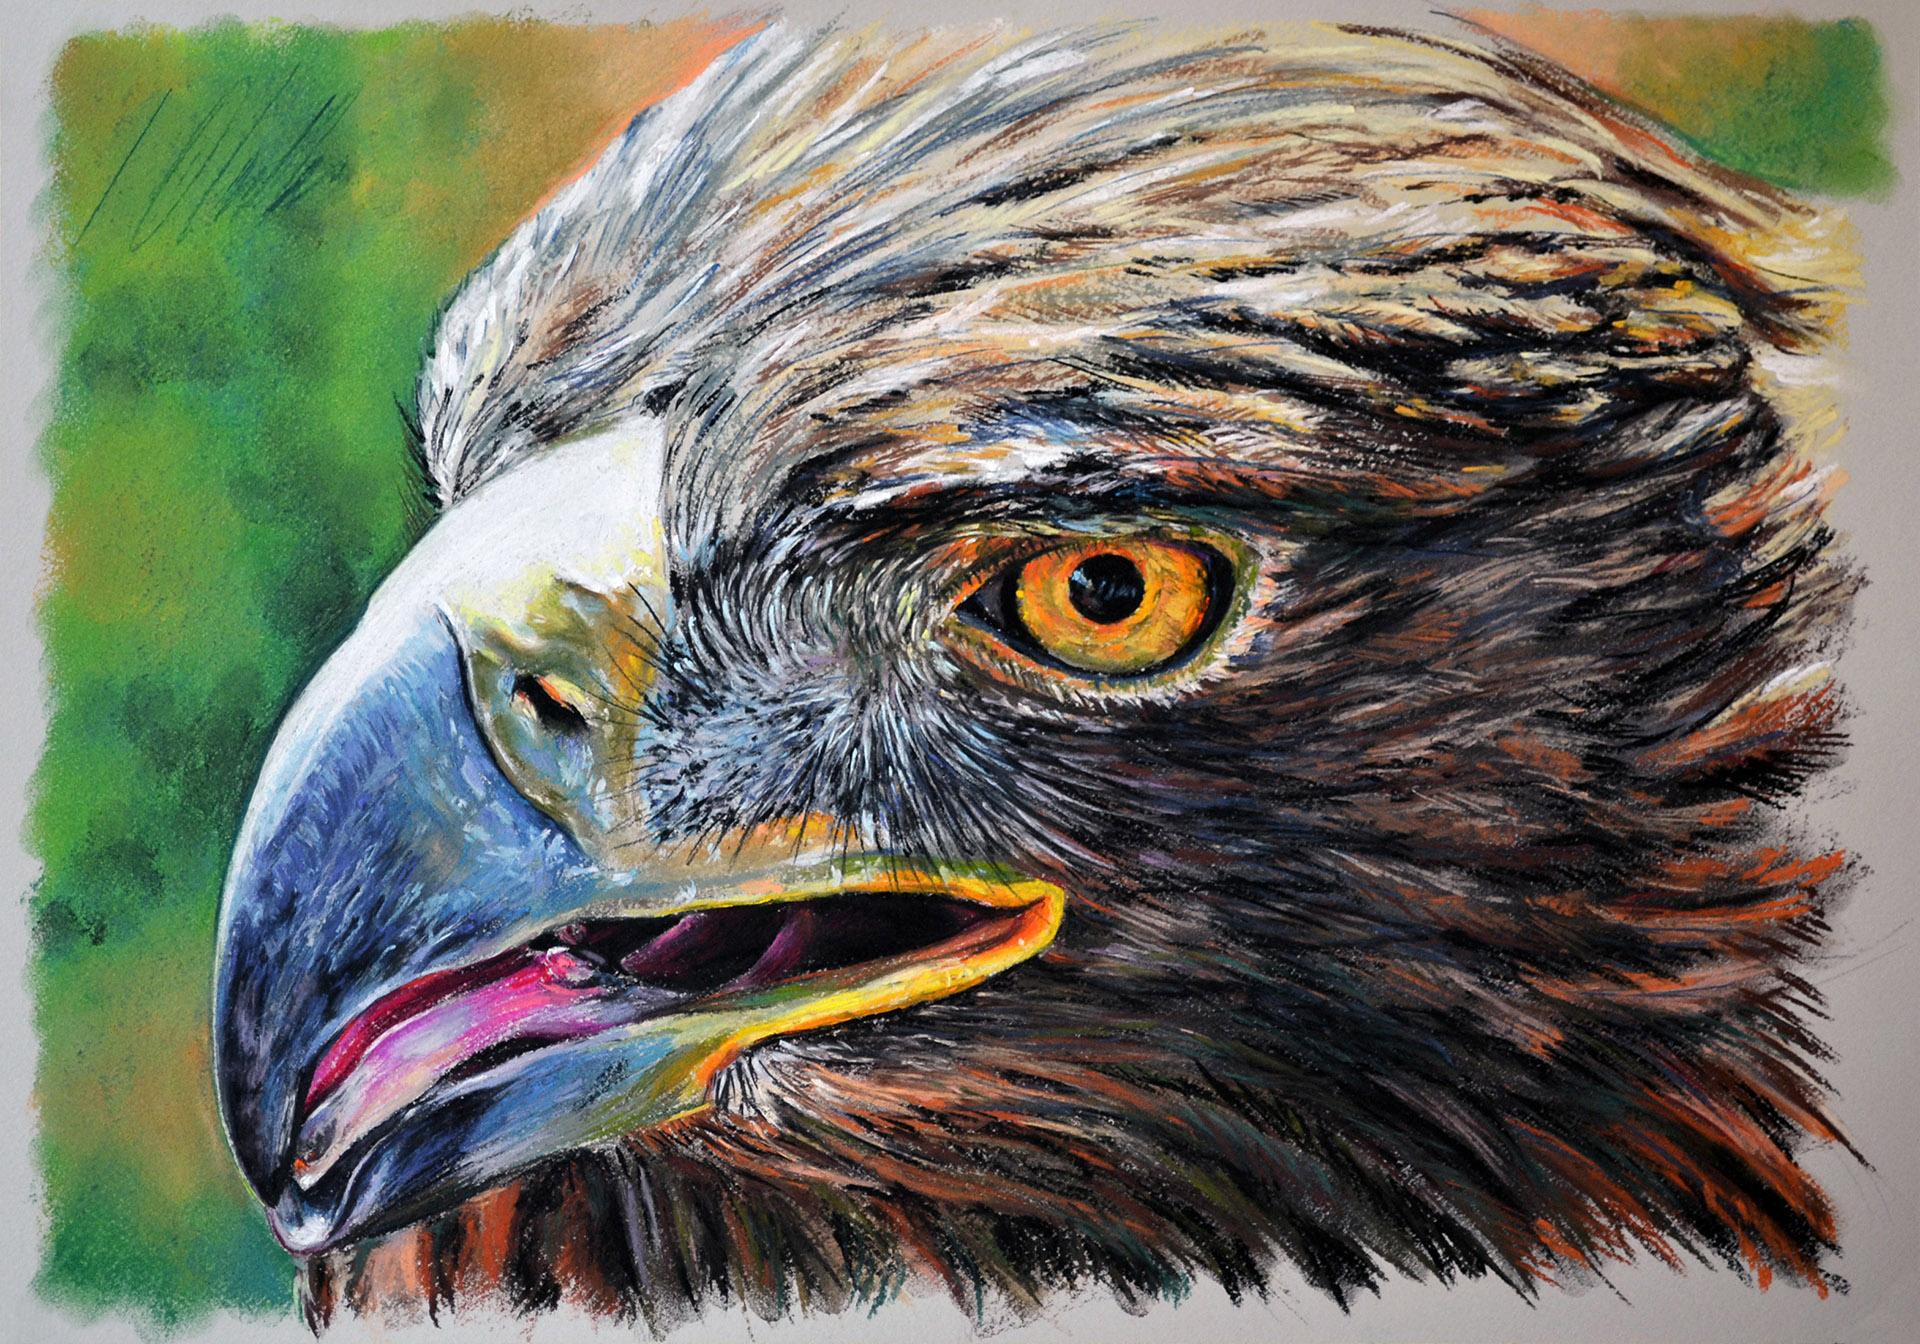 Águila real, pastel, 50 x 35 cm. Javier Olmedo. 2014